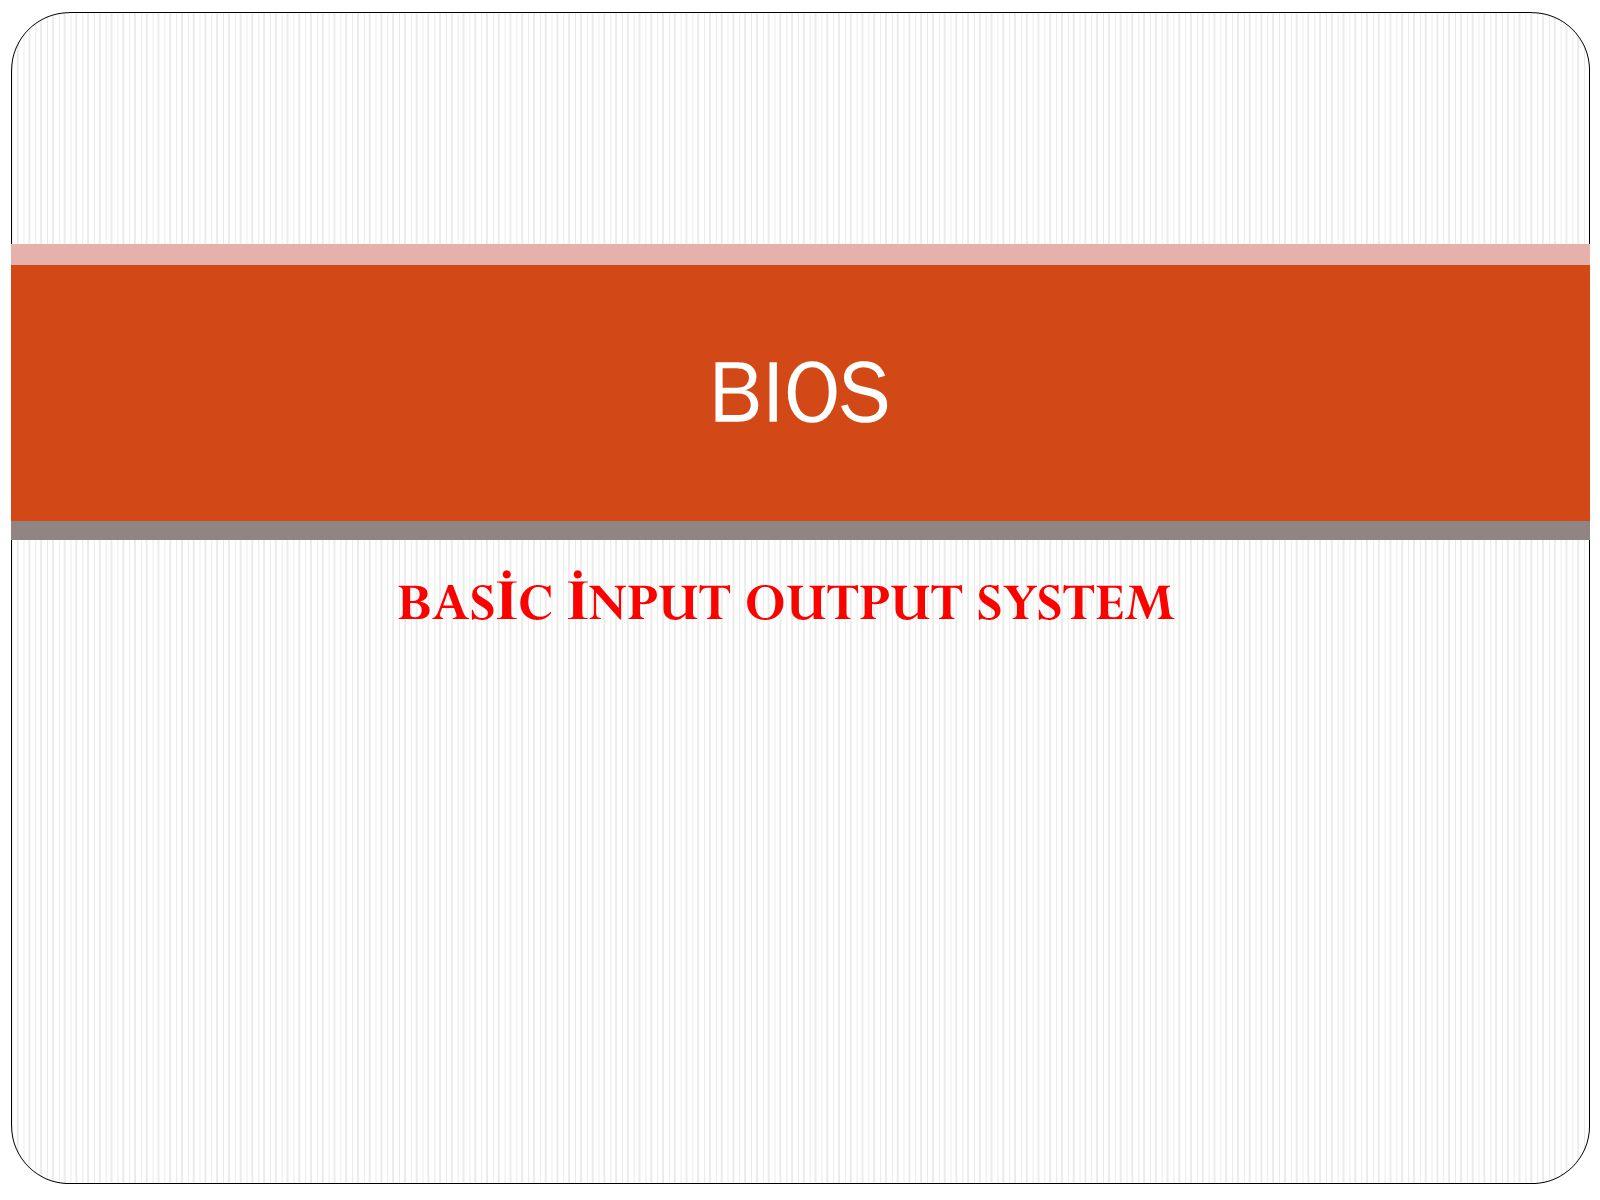 BAS İ C İ NPUT OUTPUT SYSTEM BIOS